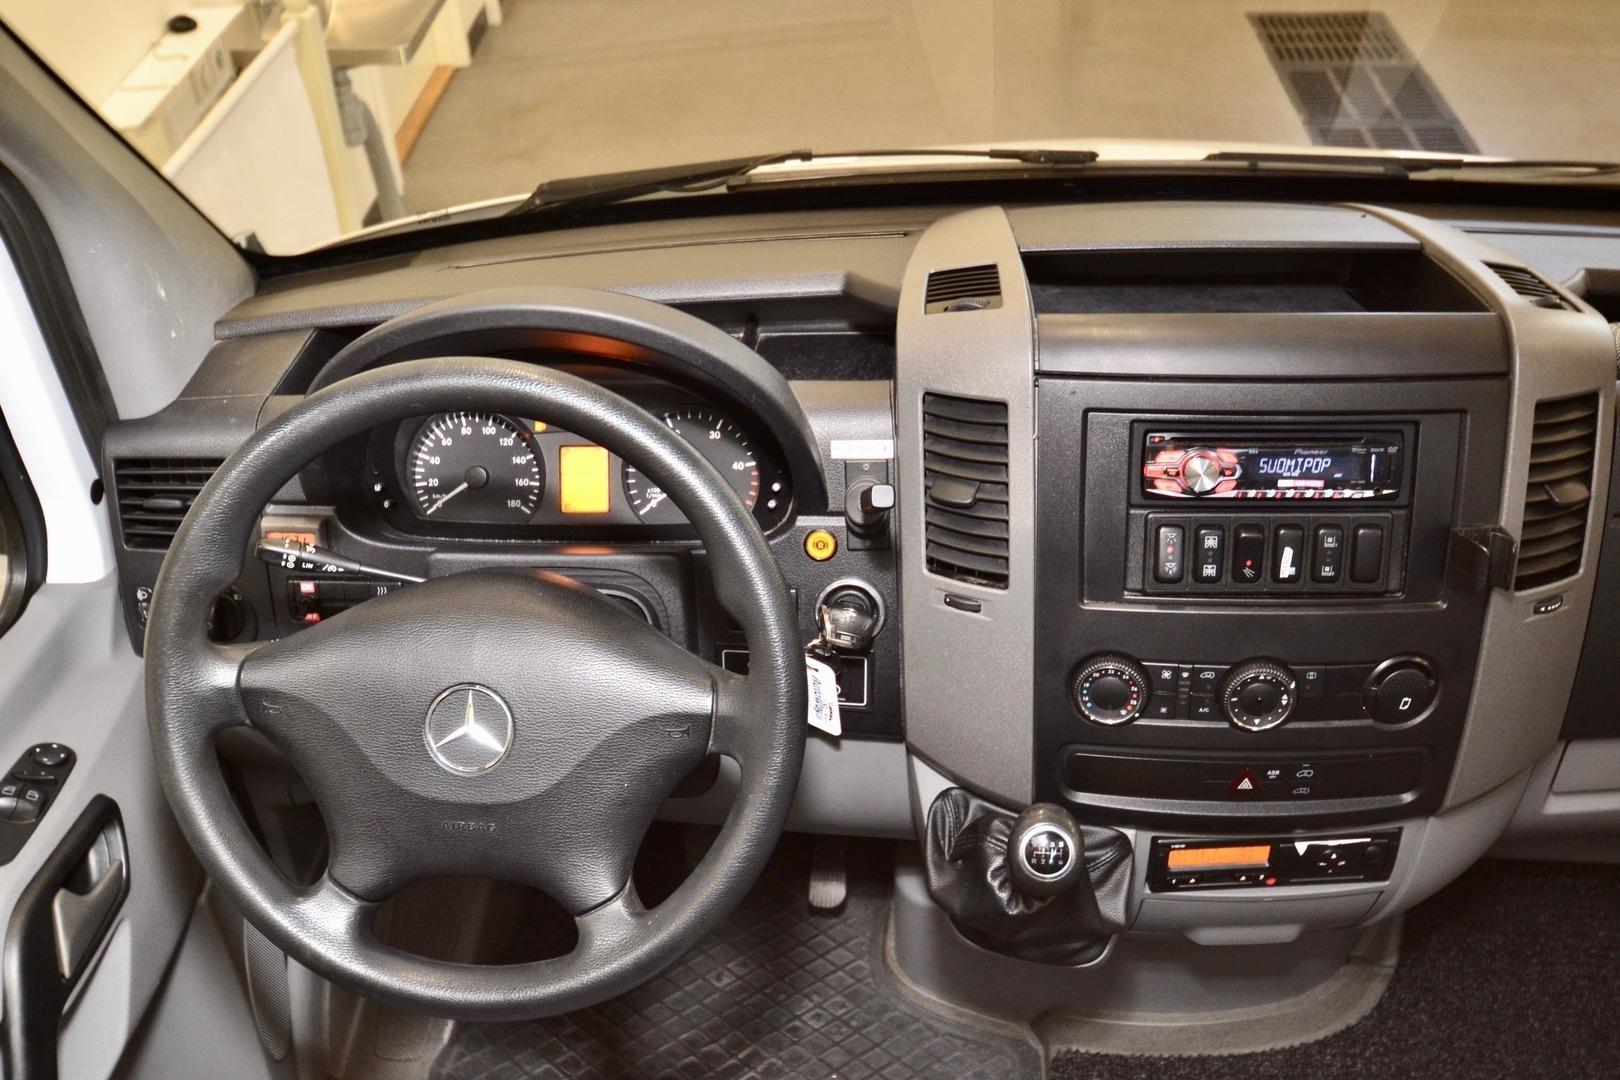 Mercedes-Benz Sprinter 519 CDI, Altas 17 paikkaa